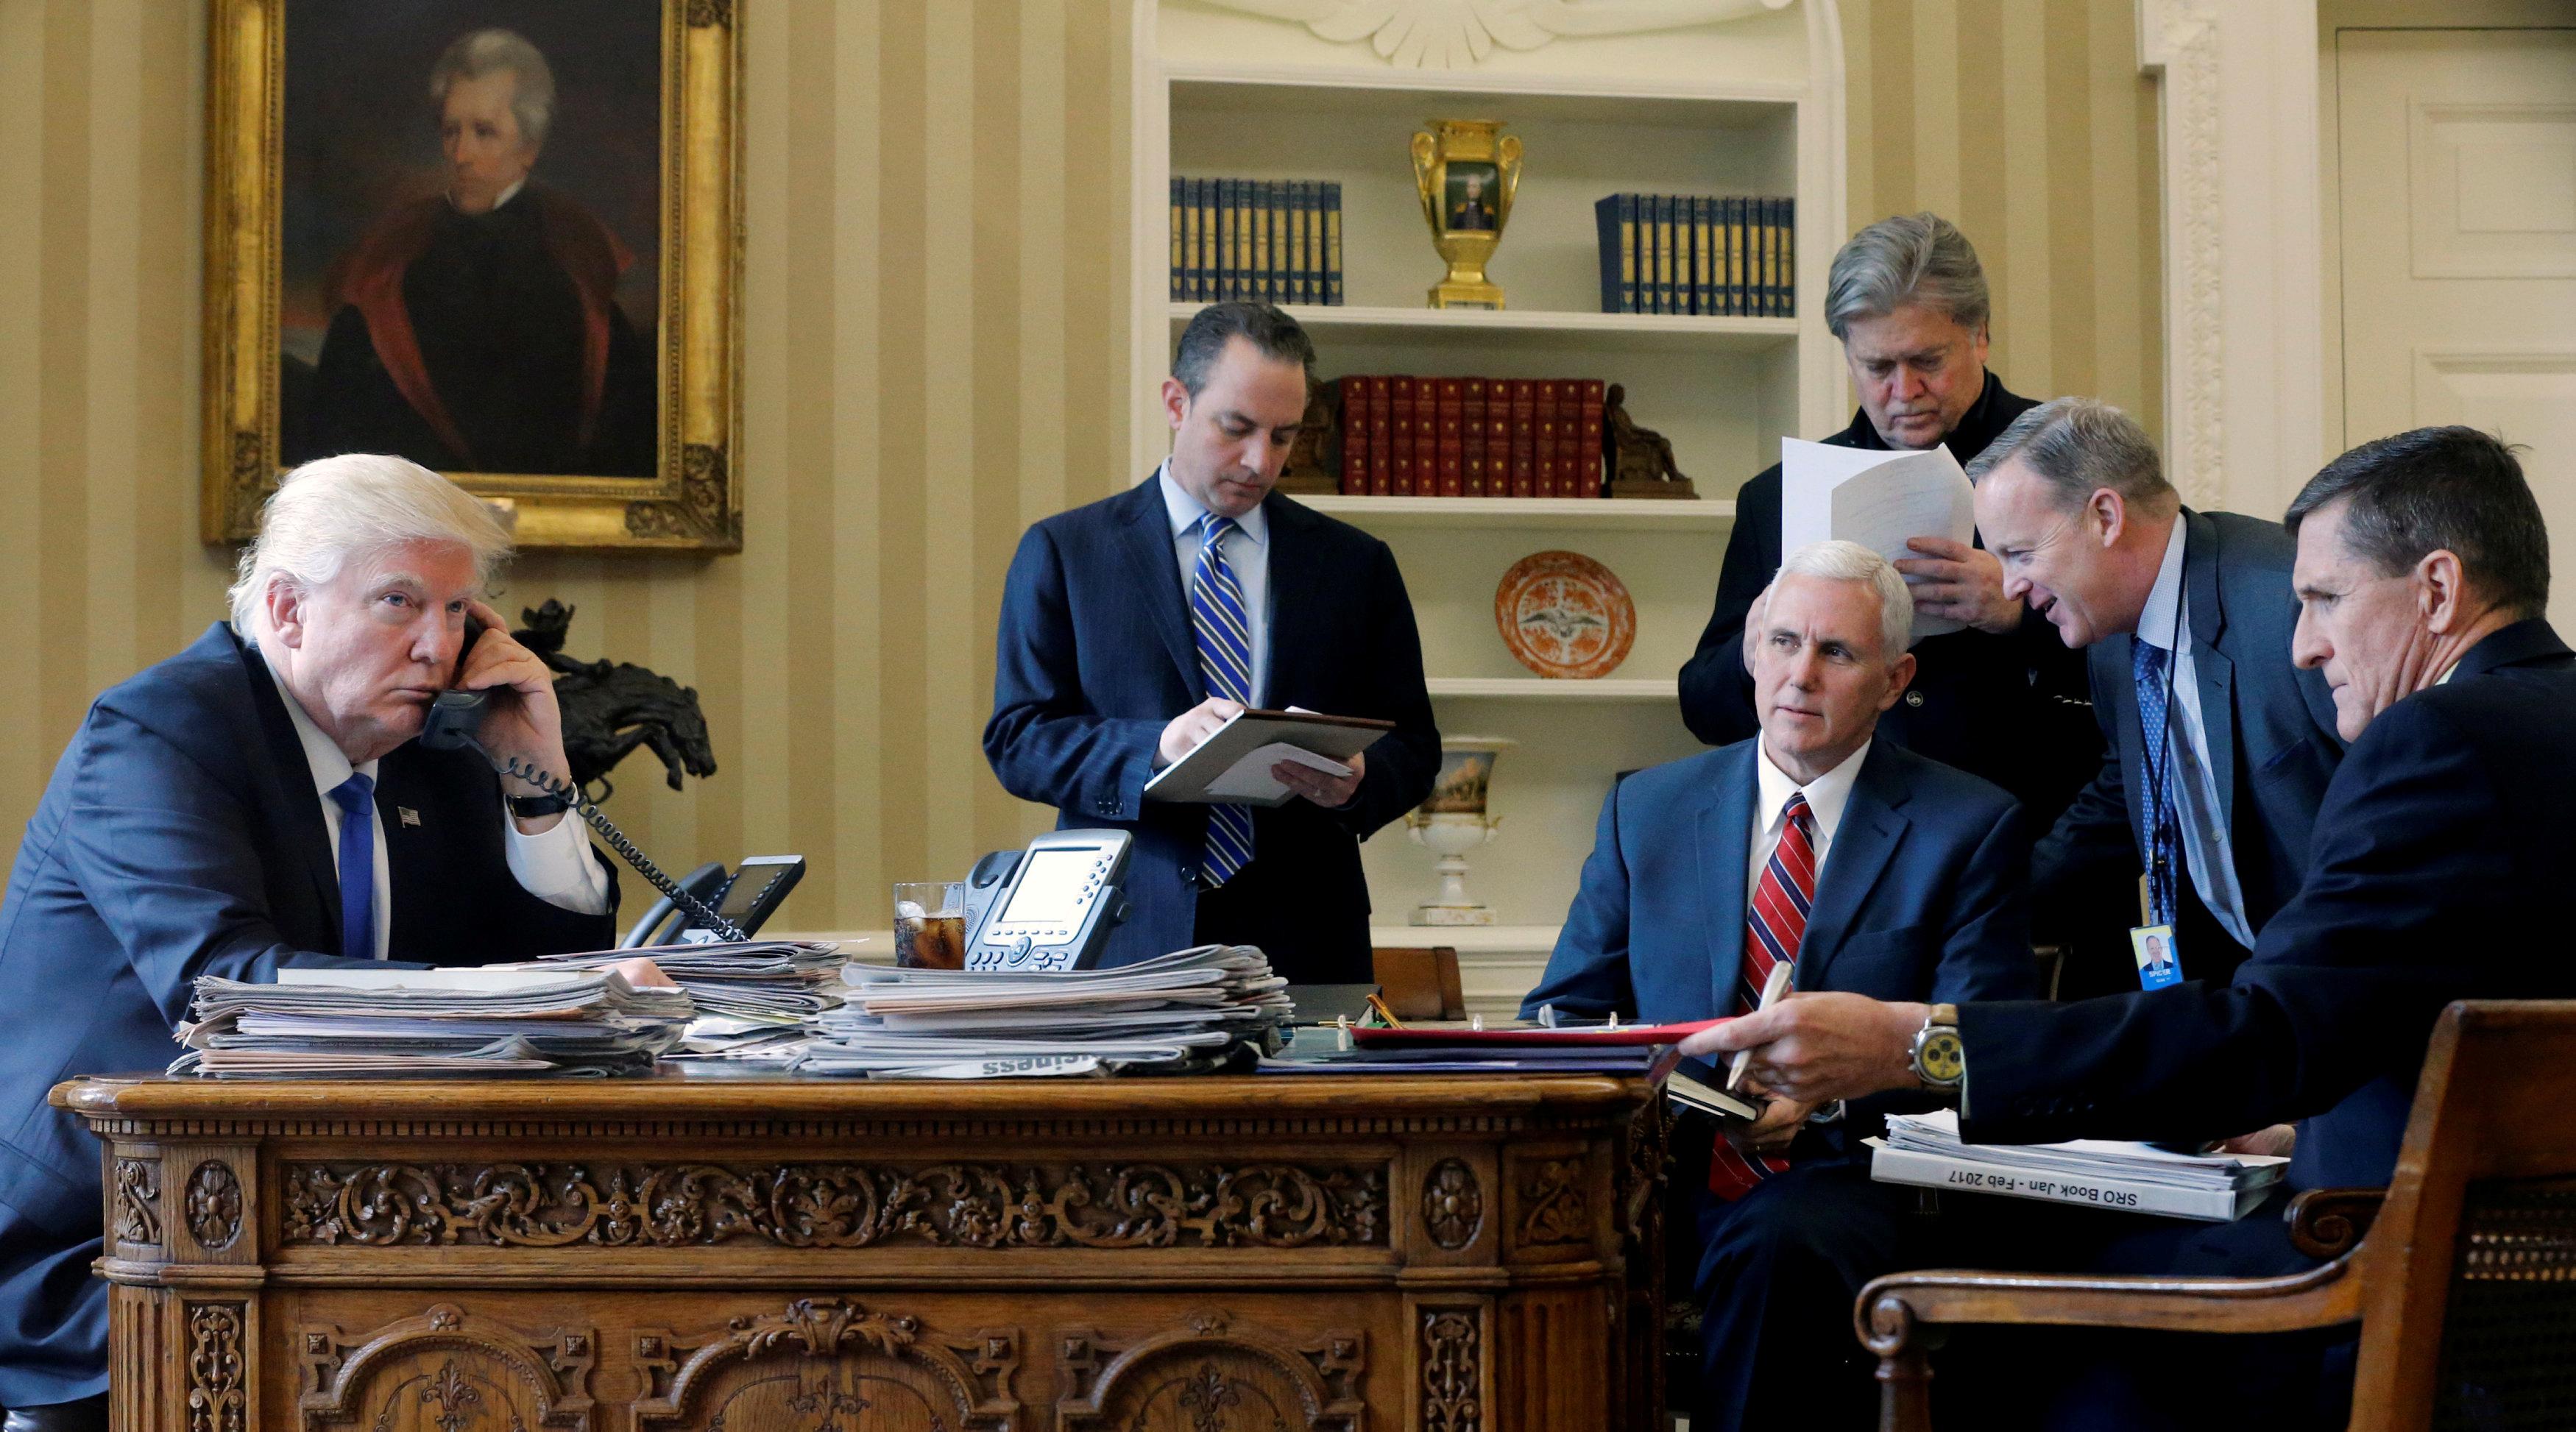 """Une réunion secrète aux Seychelles entre proches de Trump et Poutine dévoilée par le """"Washington Post"""""""